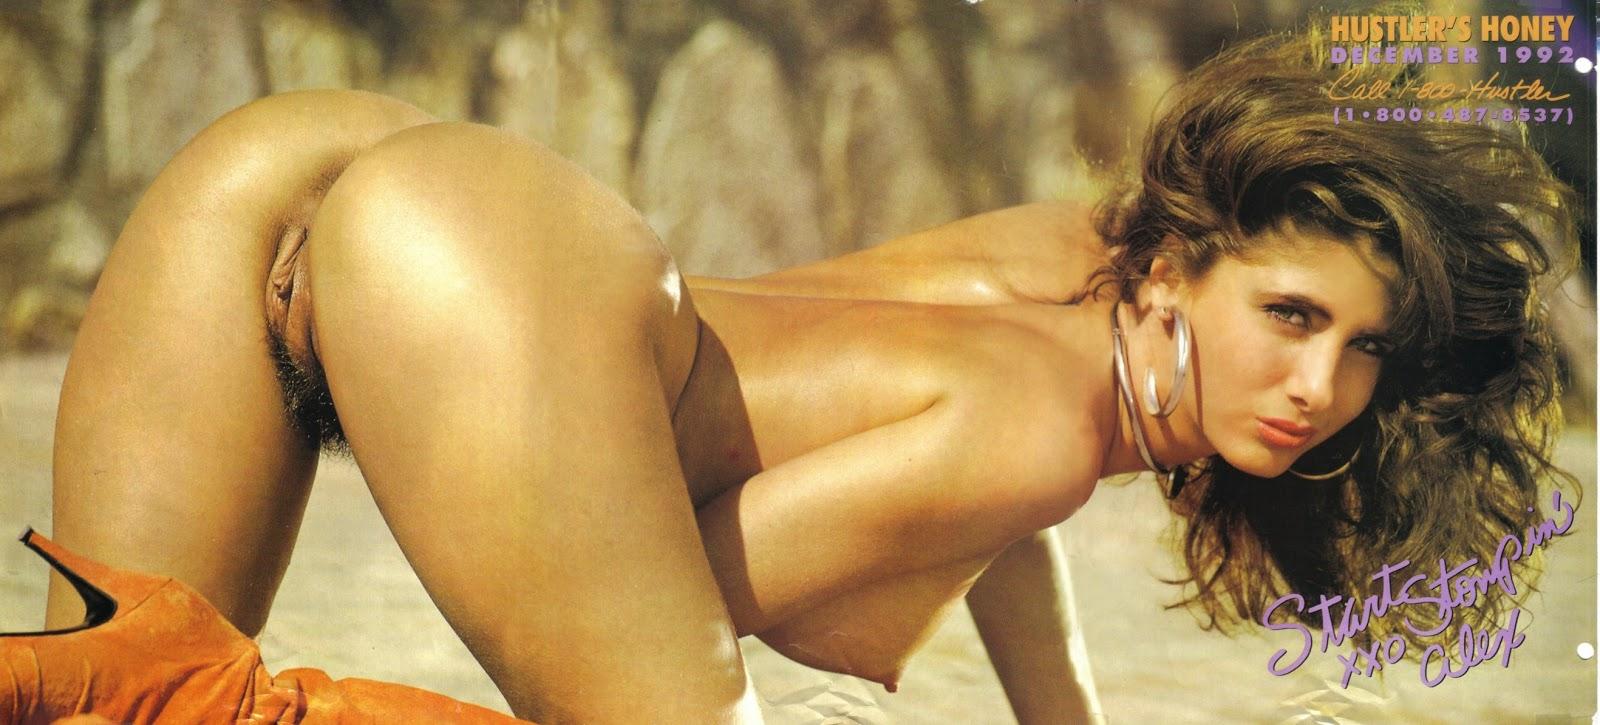 2004 bikini contests